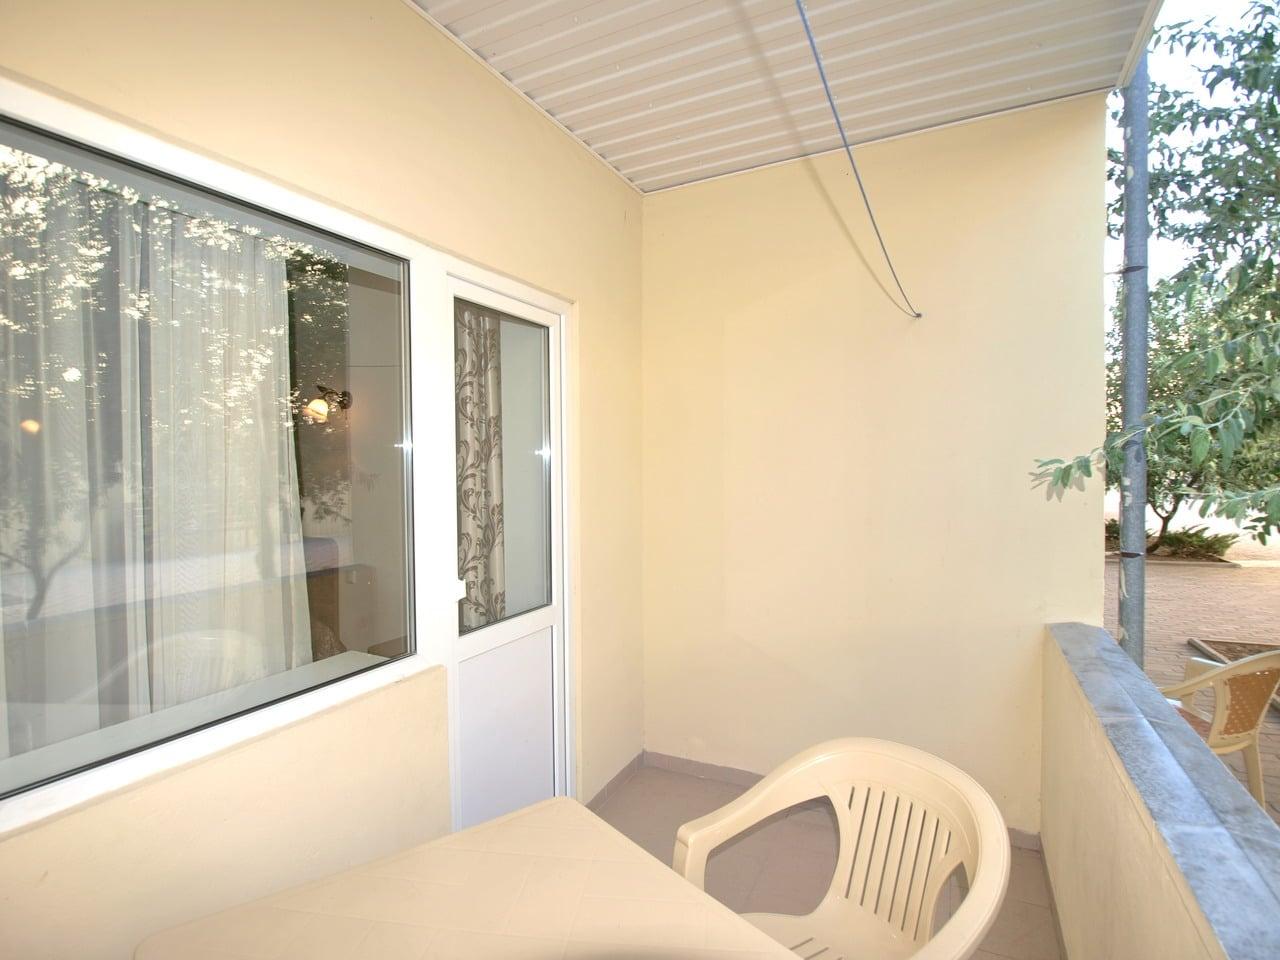 7-ми местный двухкомнатный люкс. Балкон